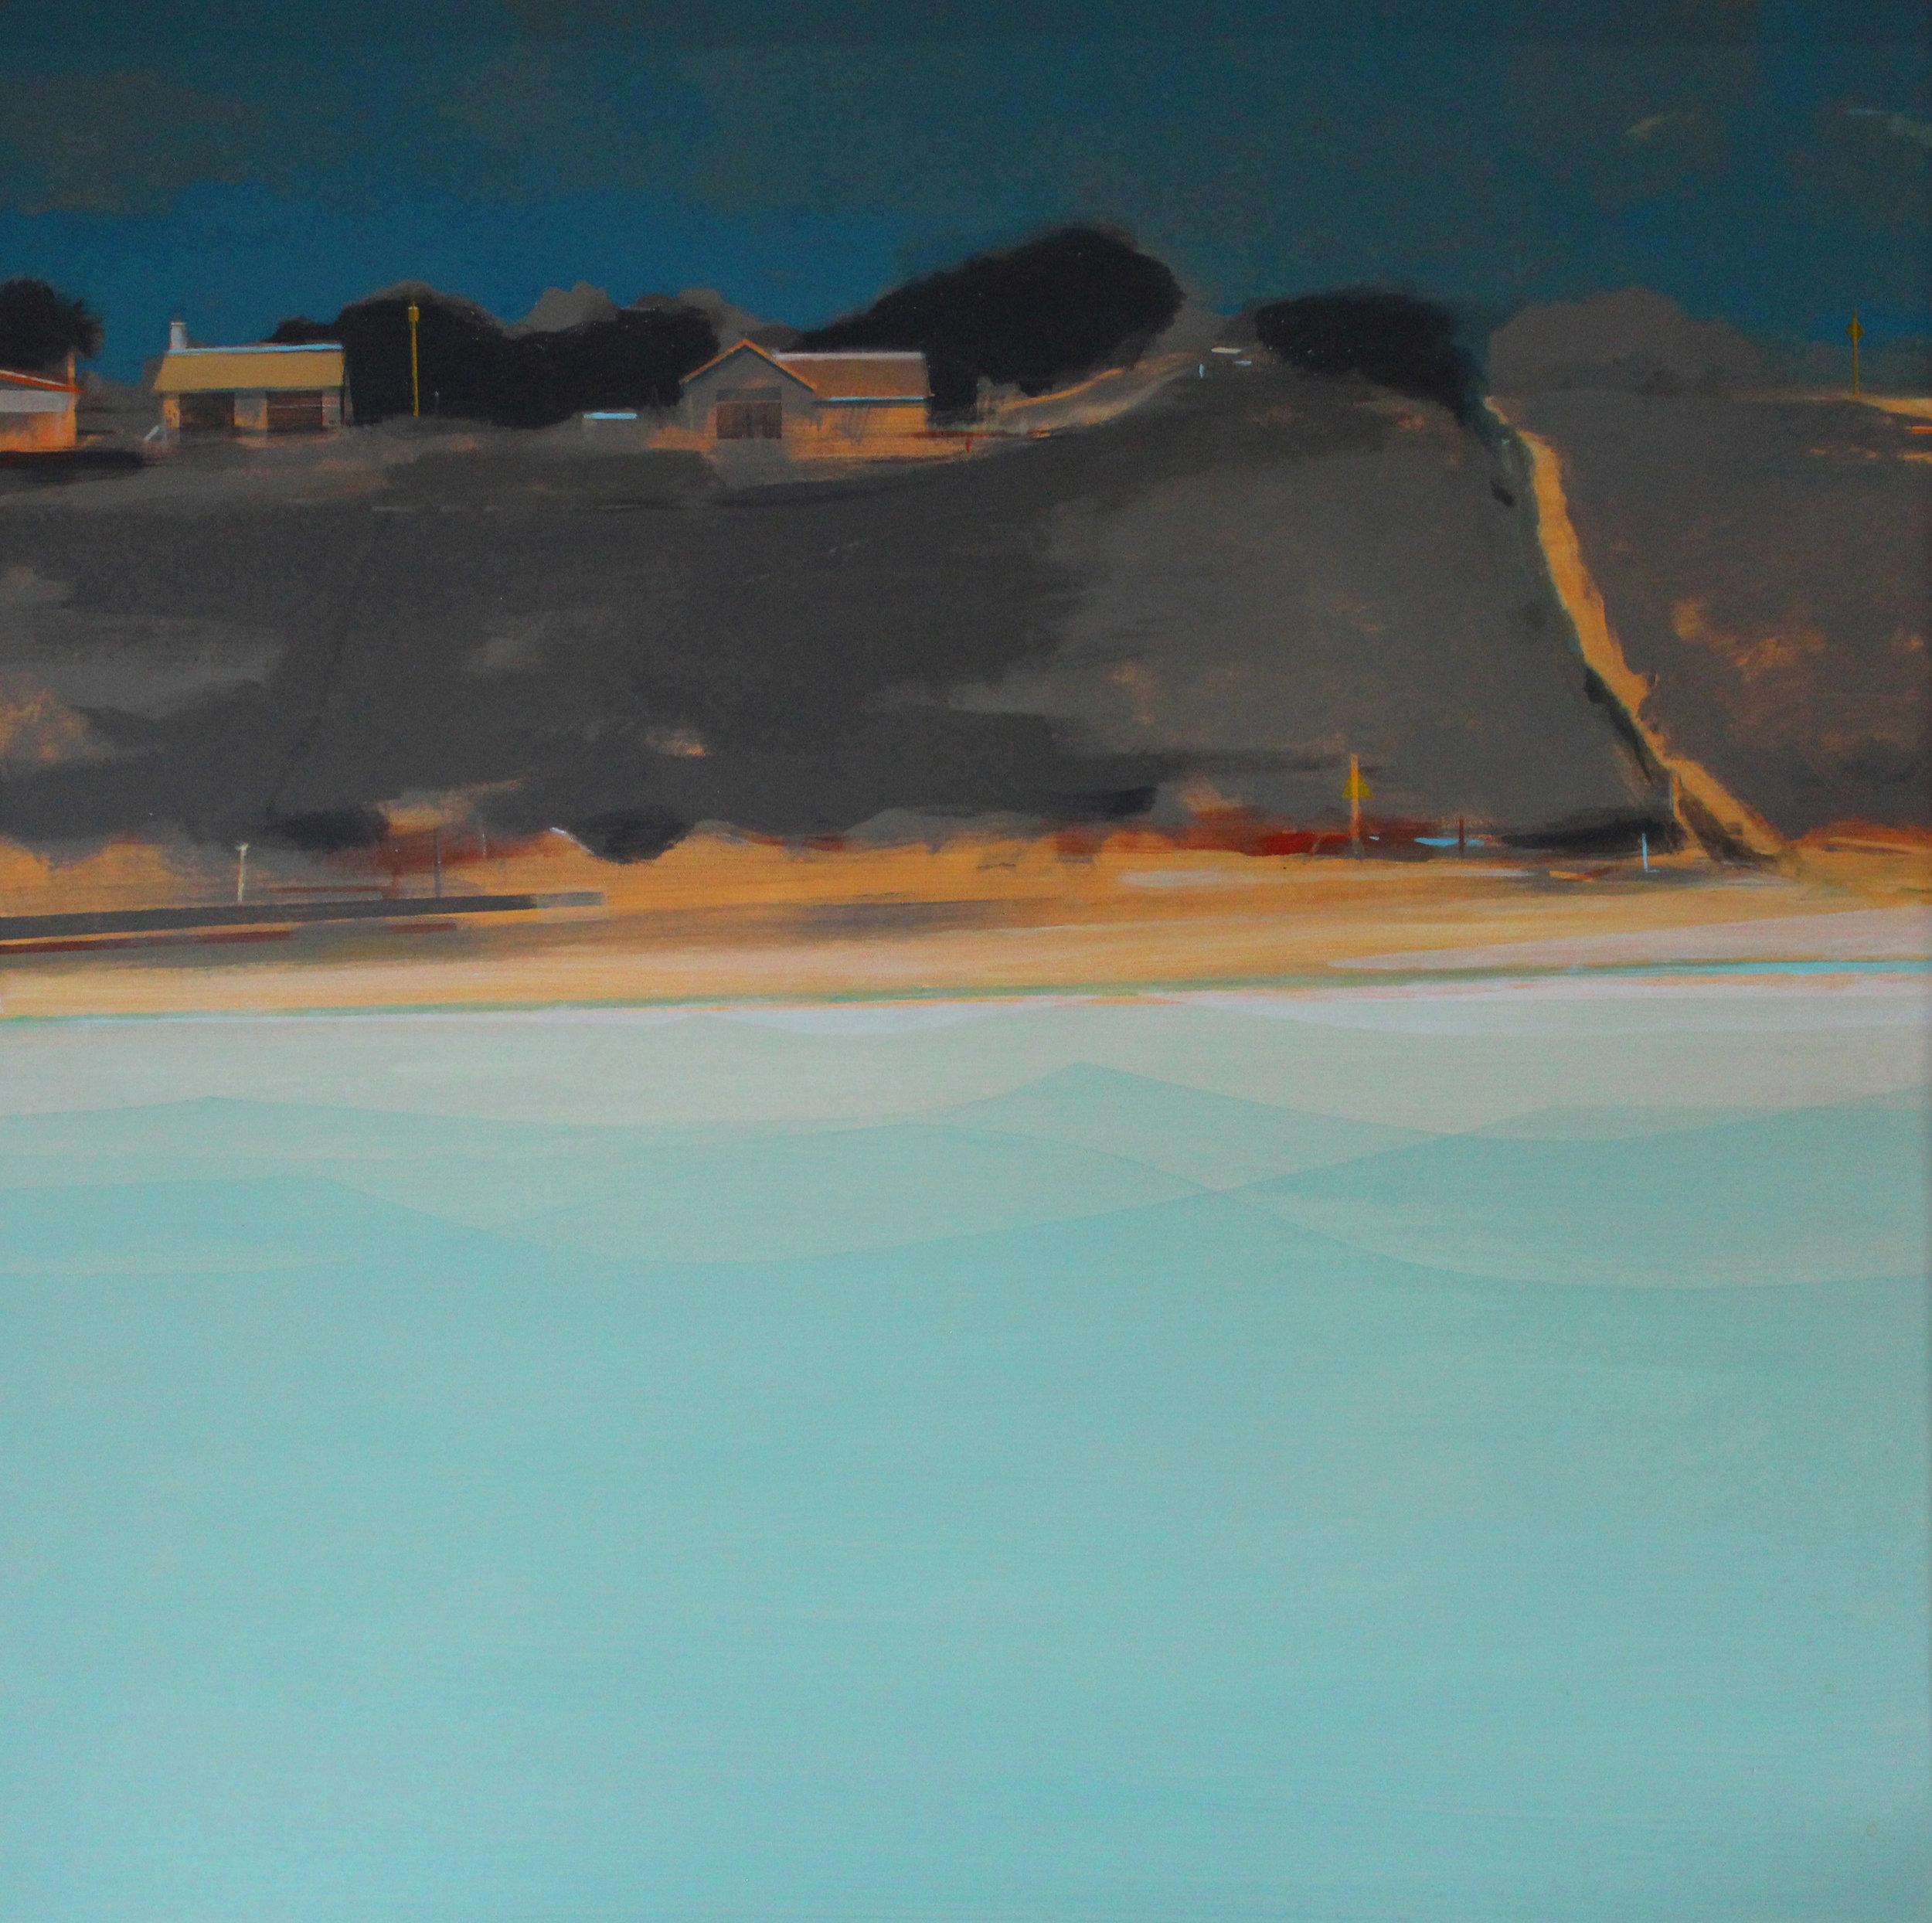 Beach houses, Hayle Estuary.